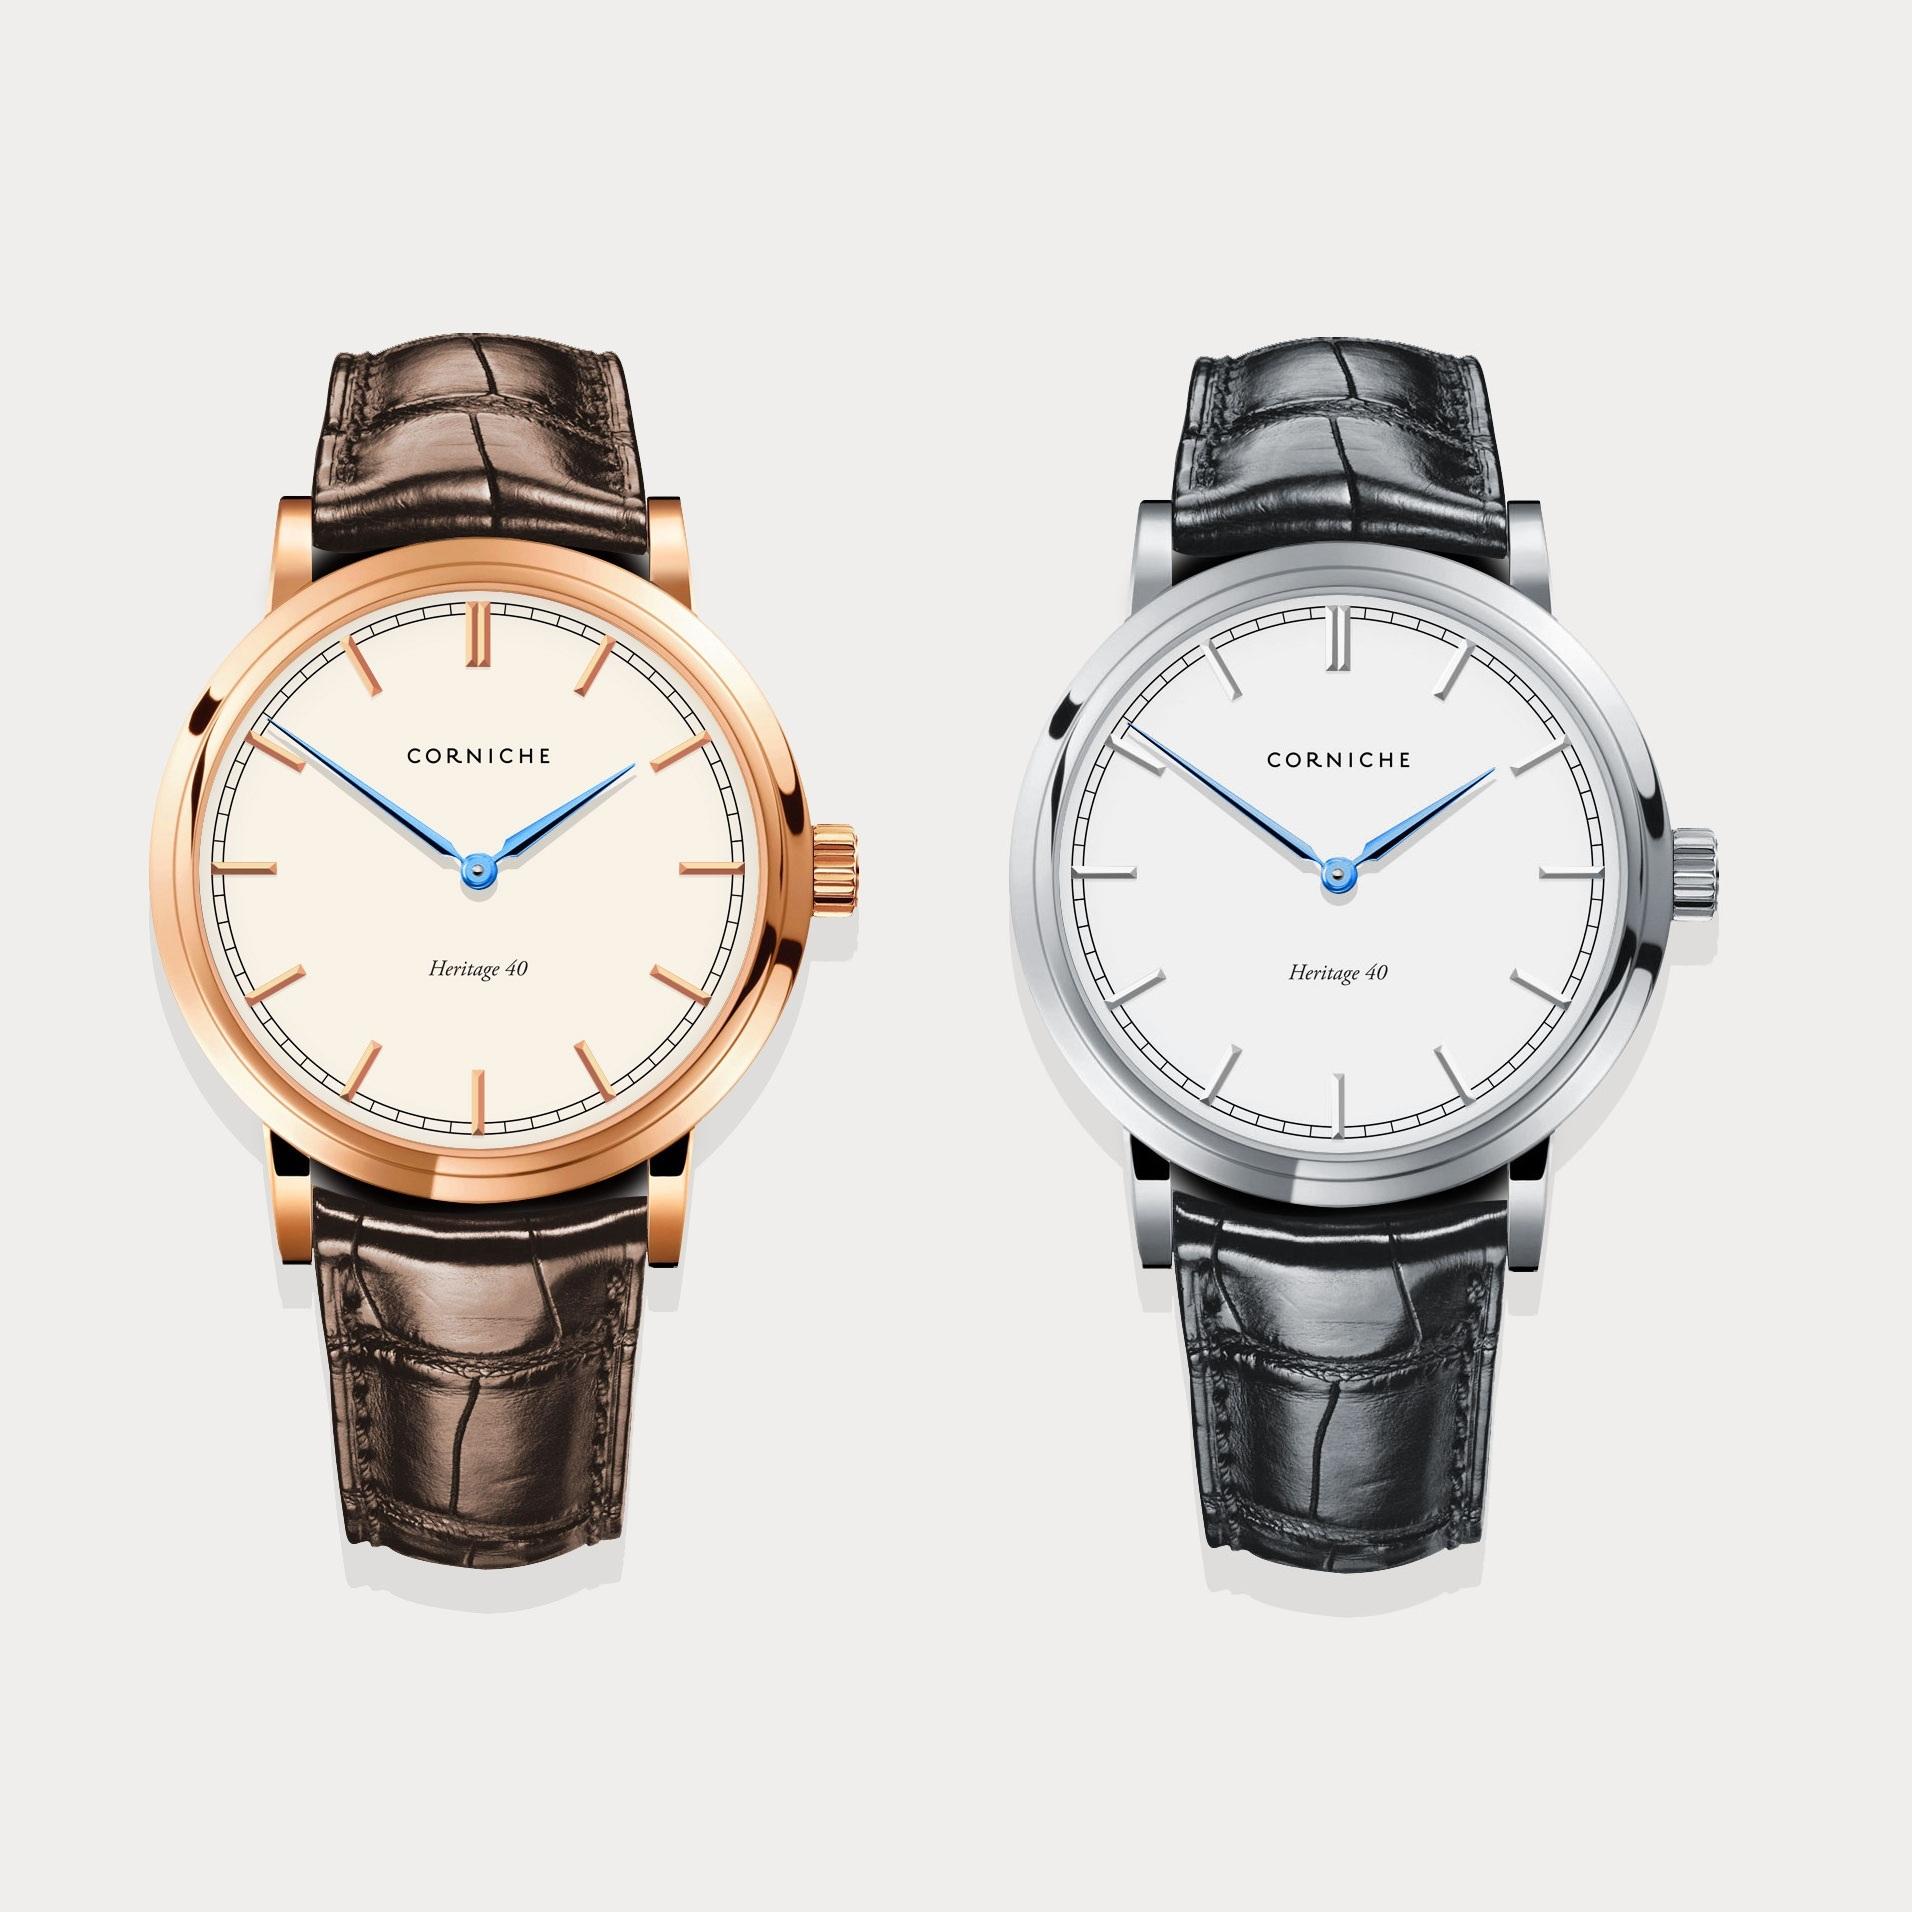 montre corniche watch heritage 40